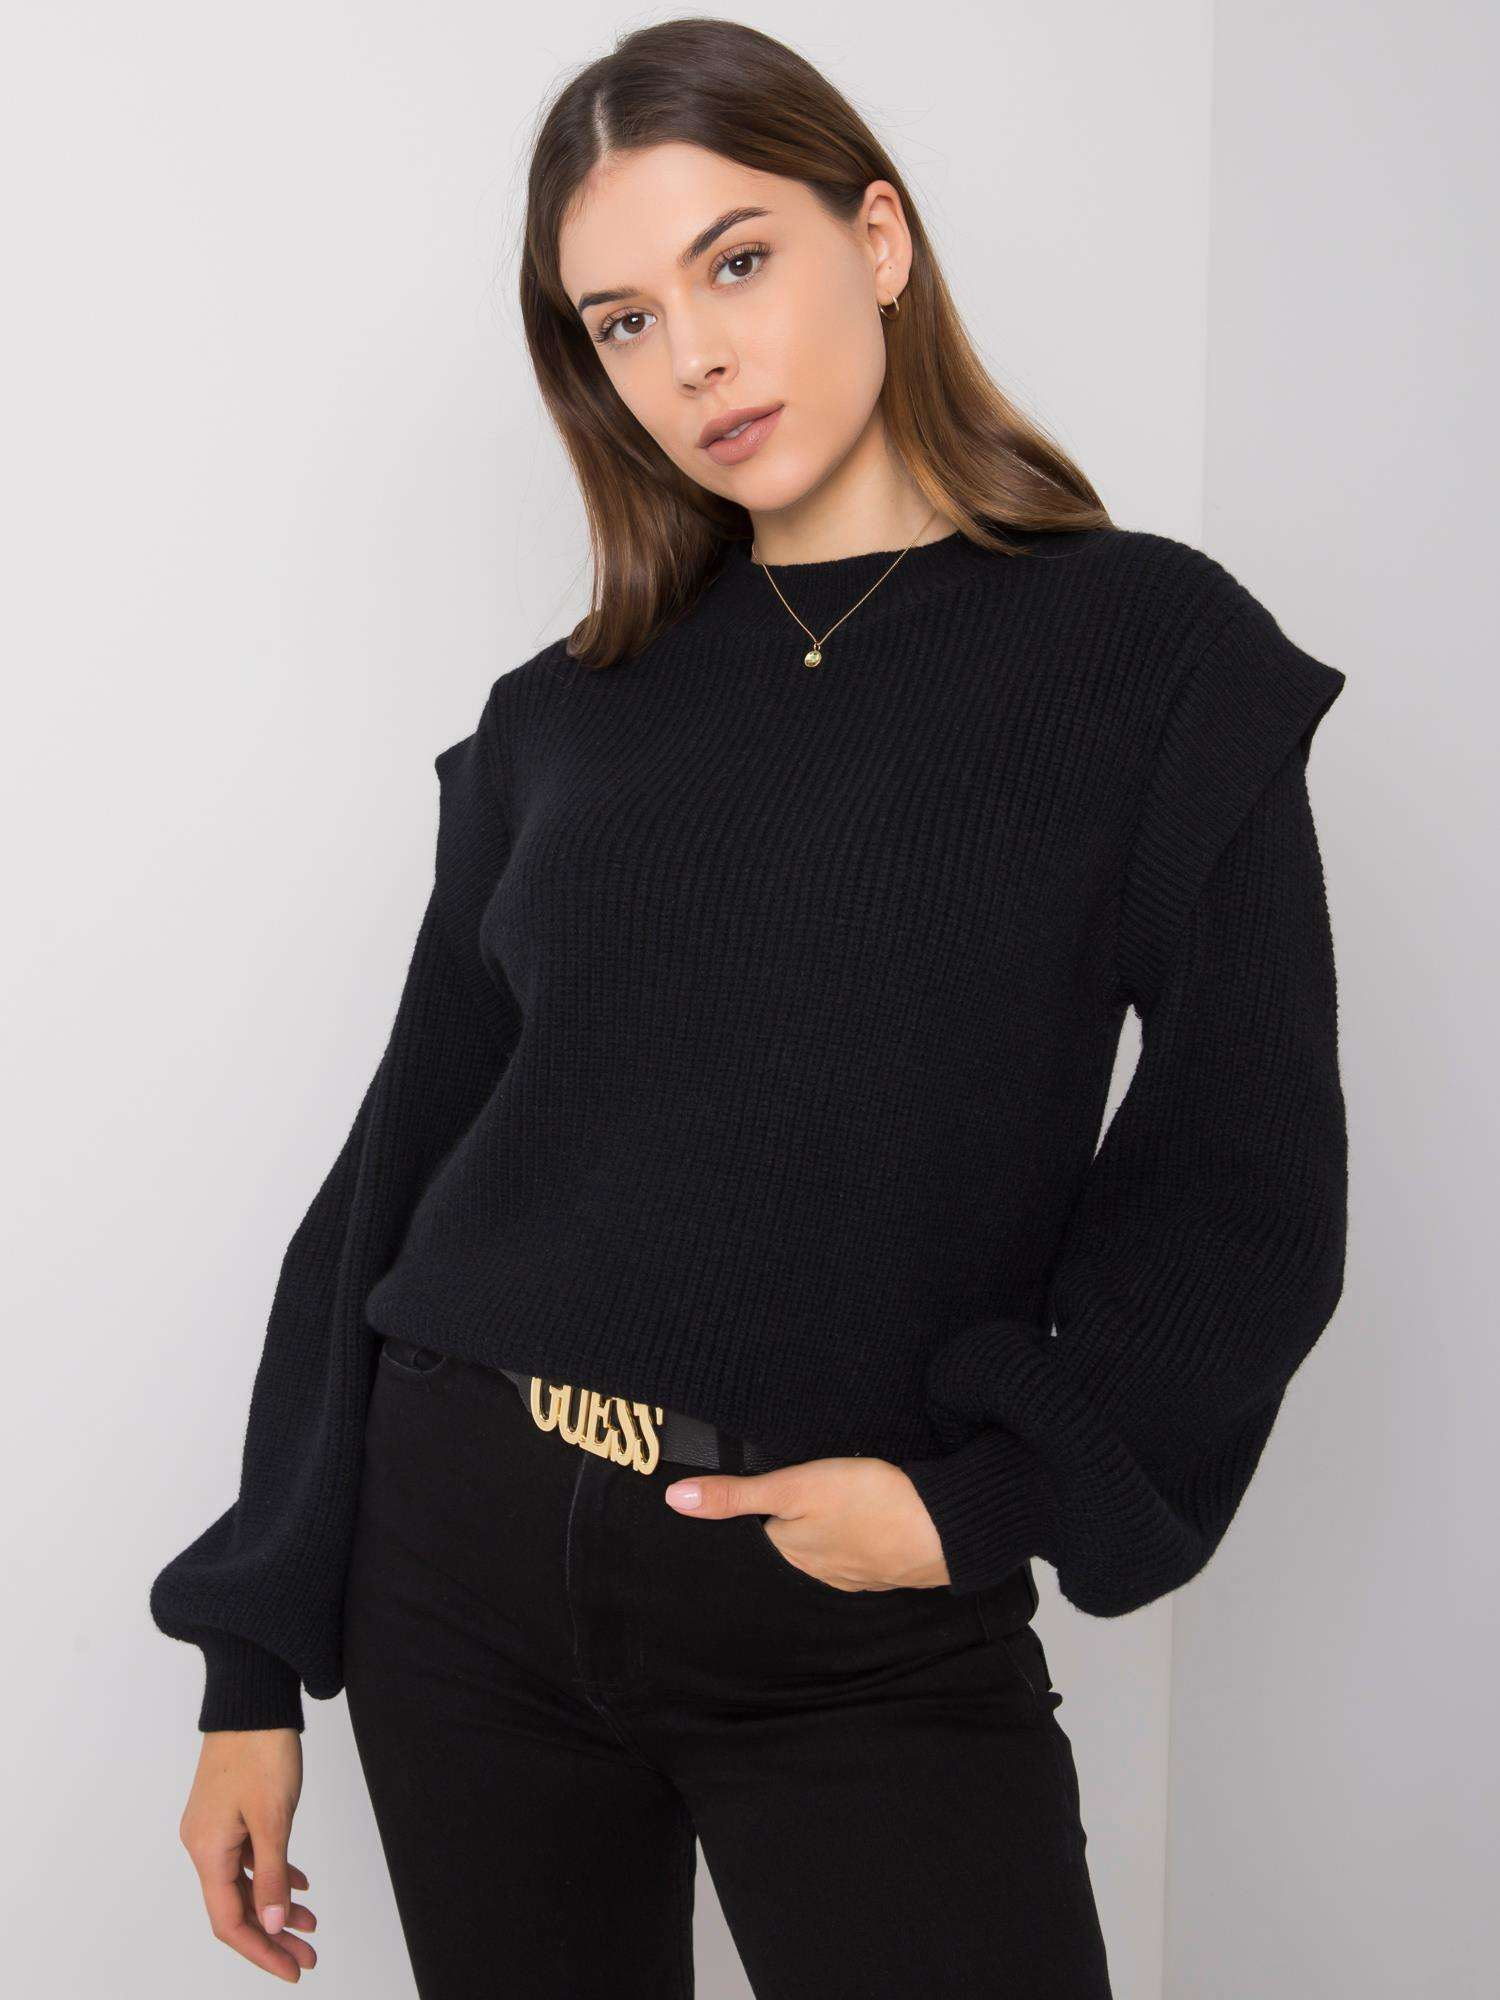 Klasický černý svetr S / M